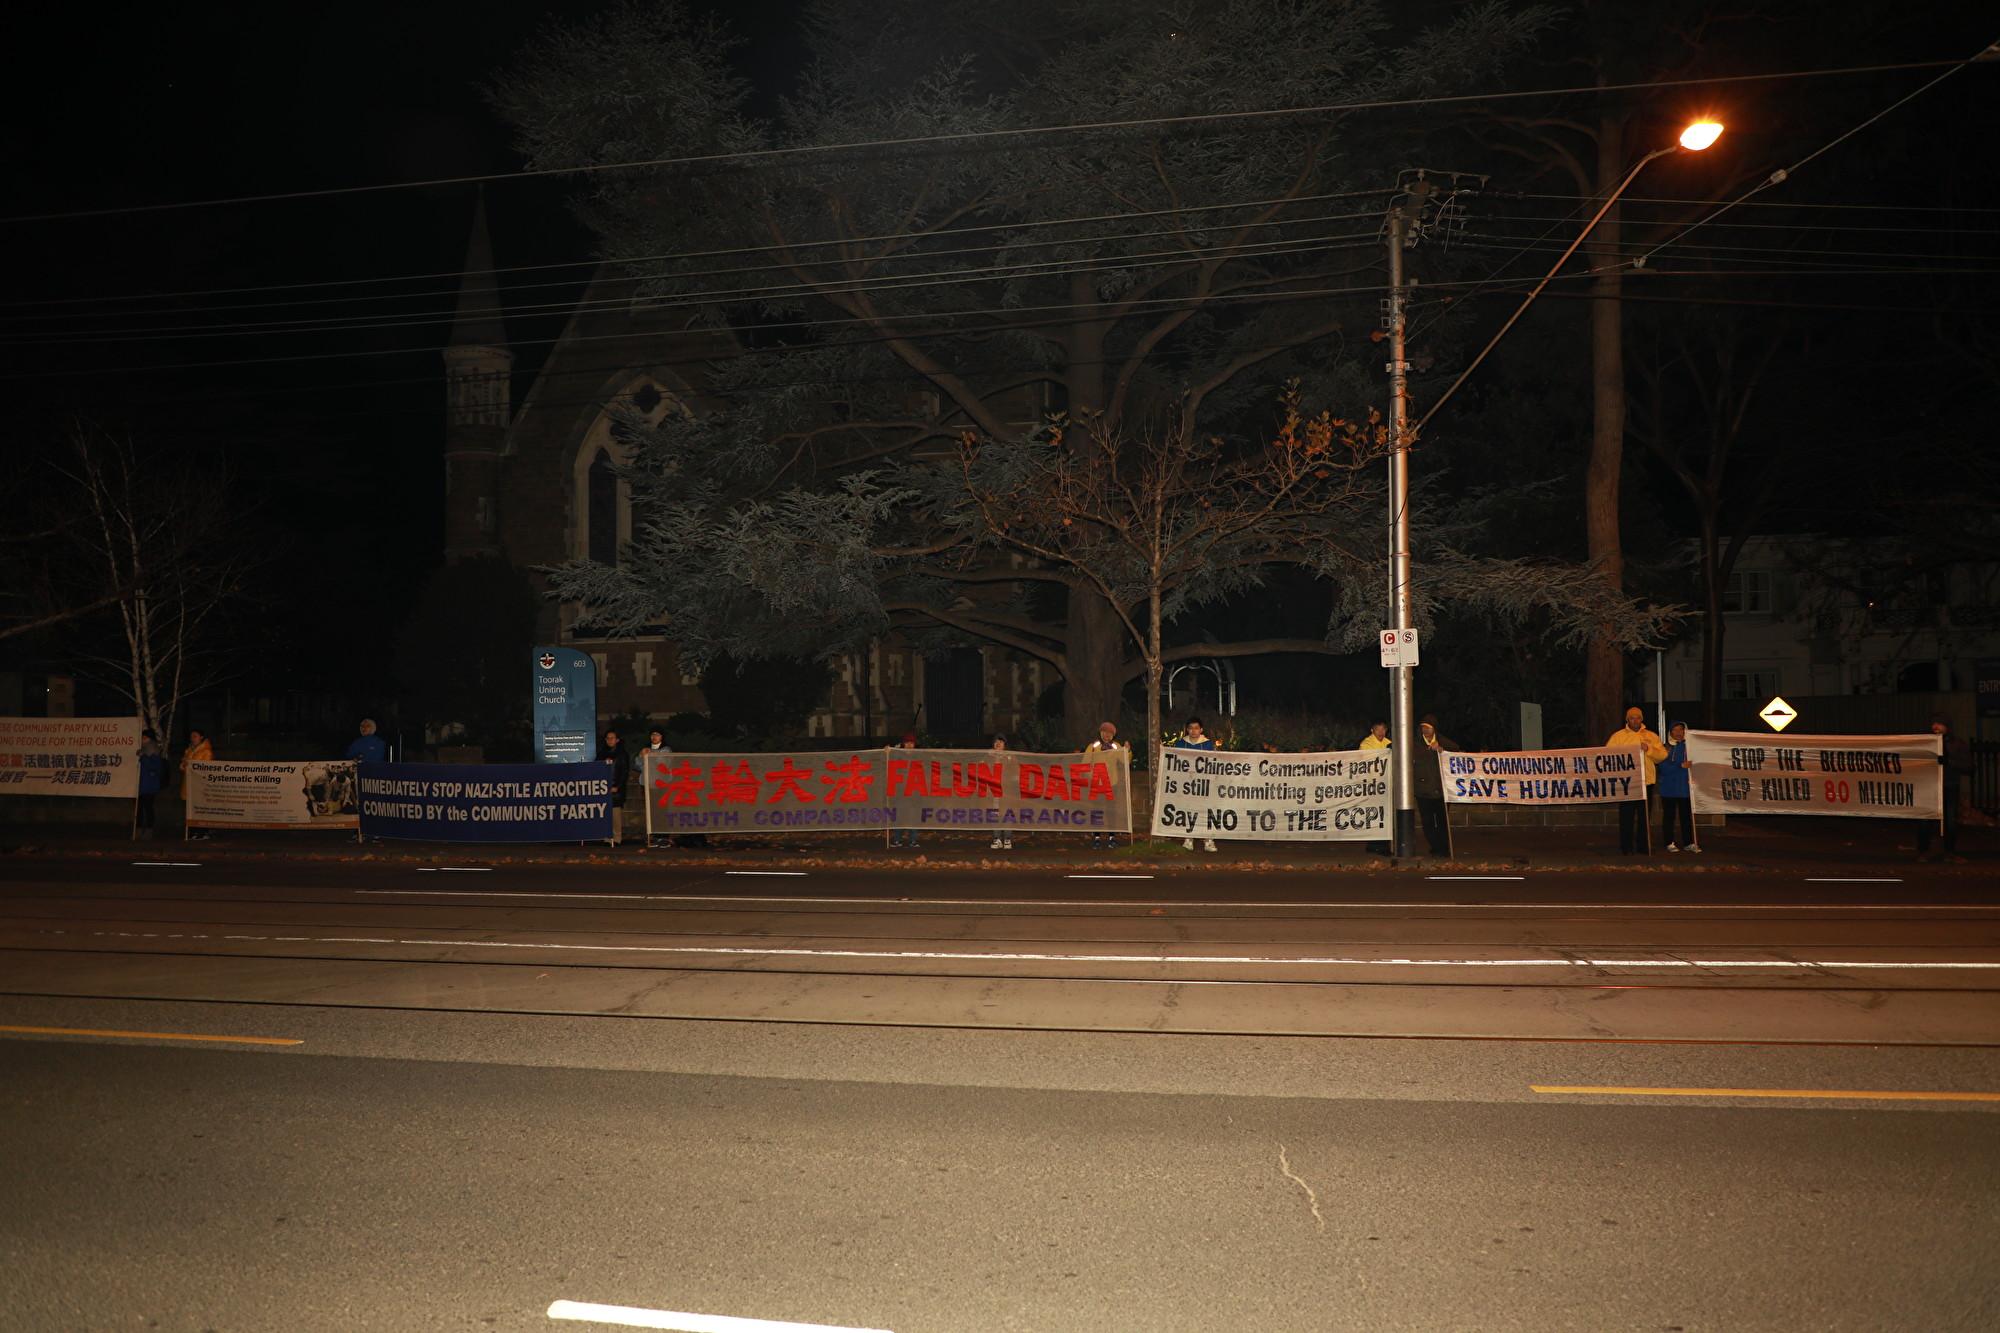 2019年7月20日晚,墨爾本百餘名法輪功學員齊聚中領館前,舉行燭光悼念活動。(Grace/大紀元)